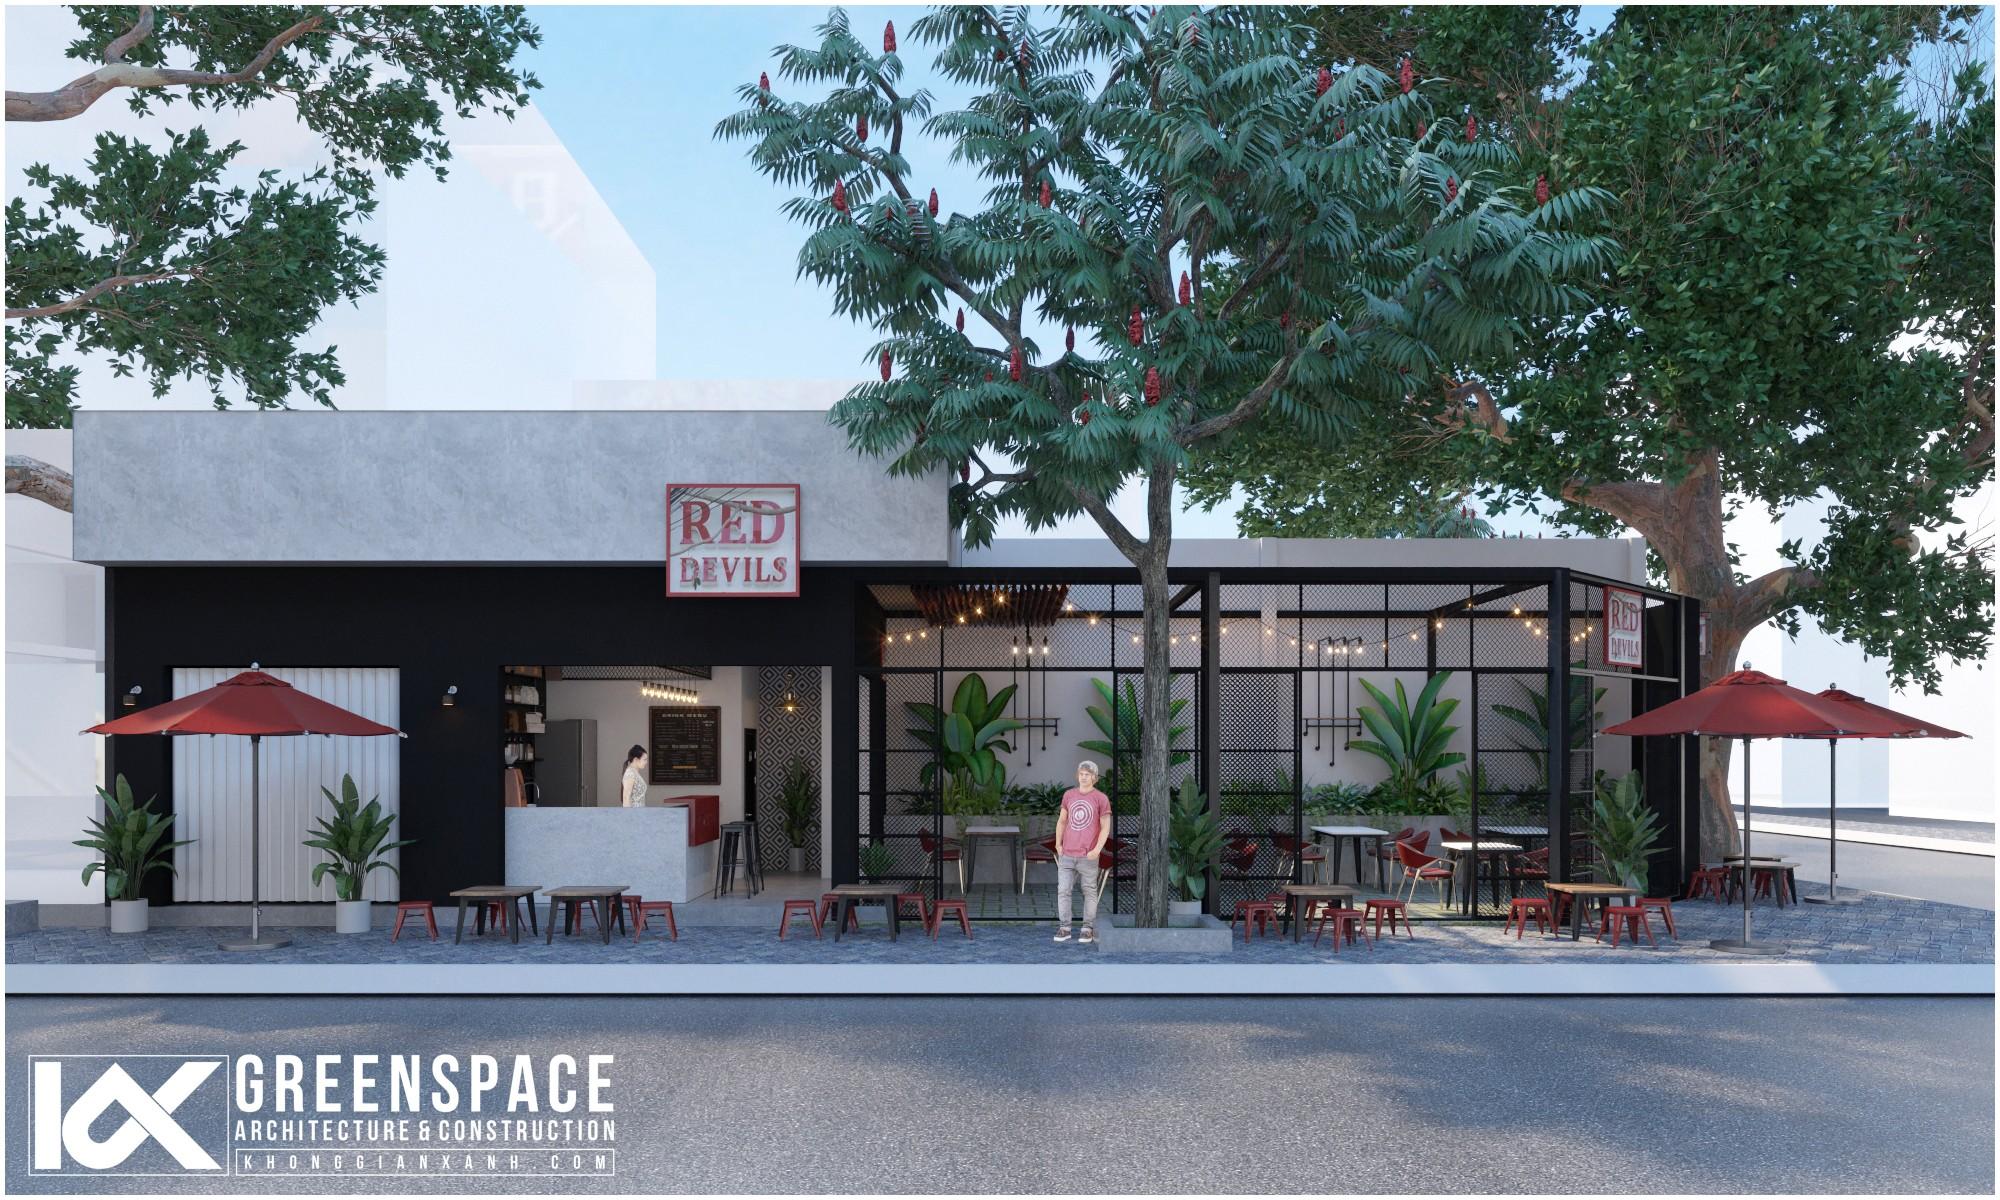 Red Devils là một dự án thiết kế cải tạo quán cafe